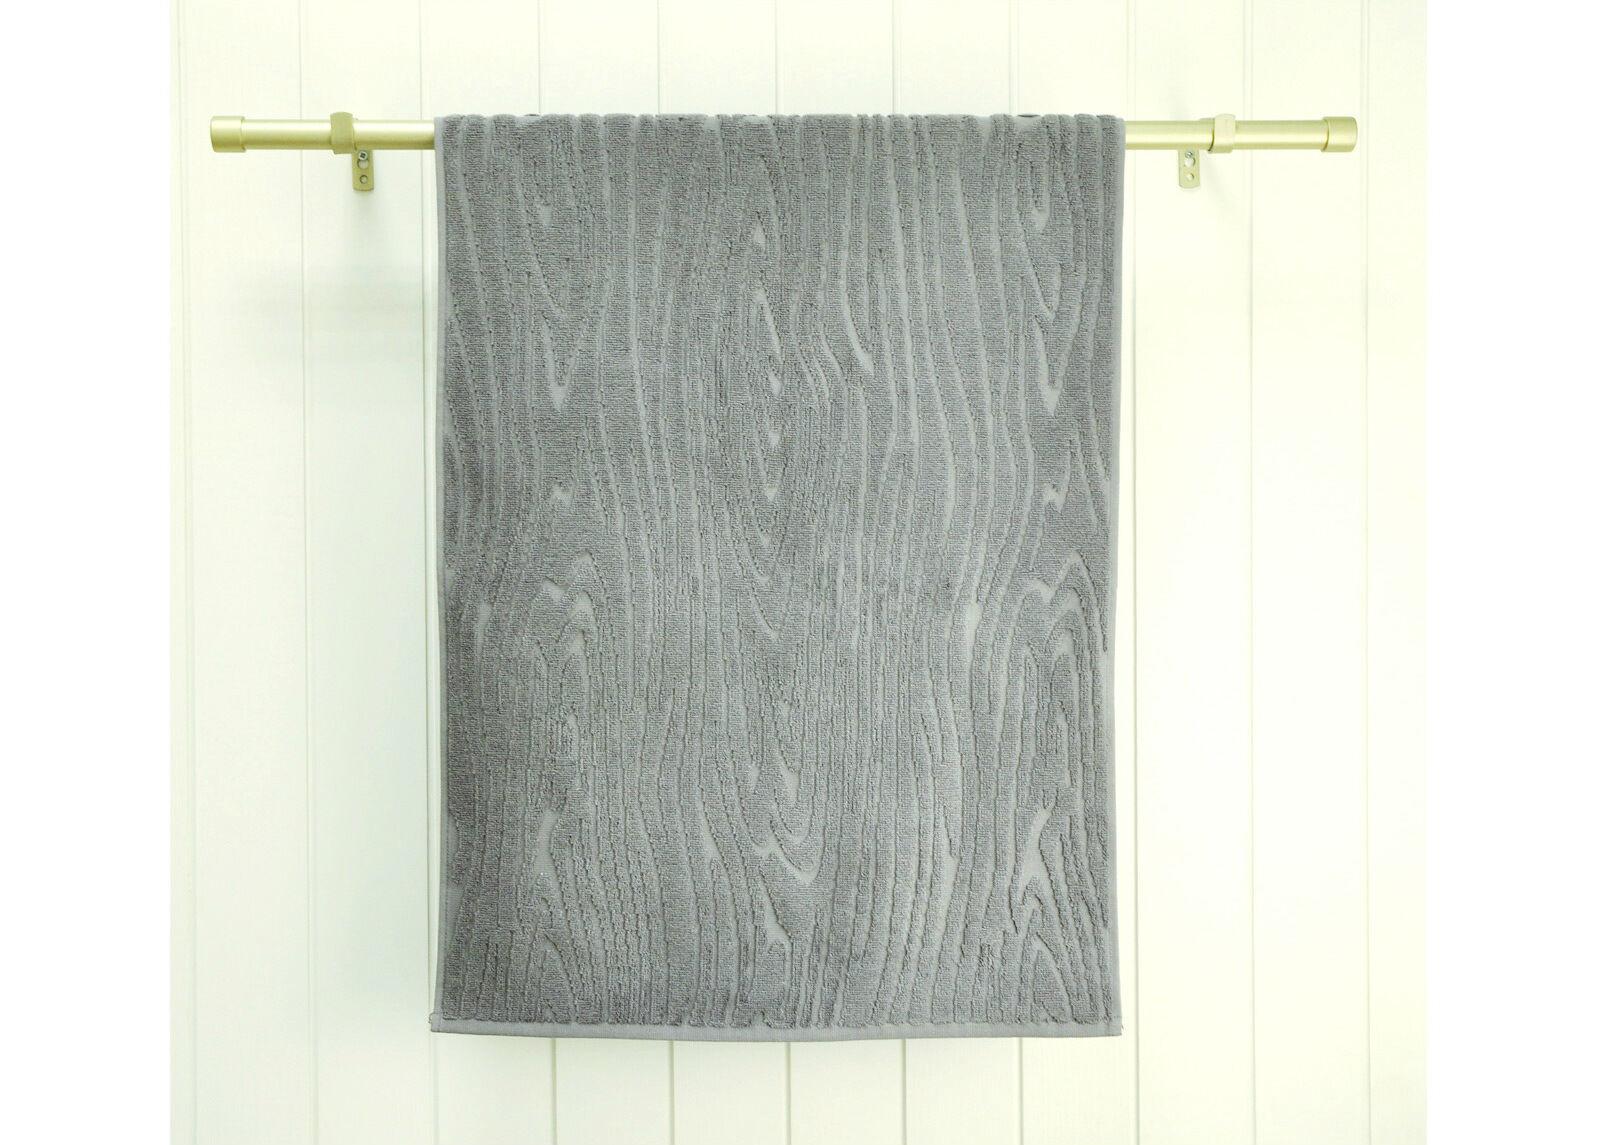 ARDENZA Froteepyyhe Wood, harmaa 70x140 cm